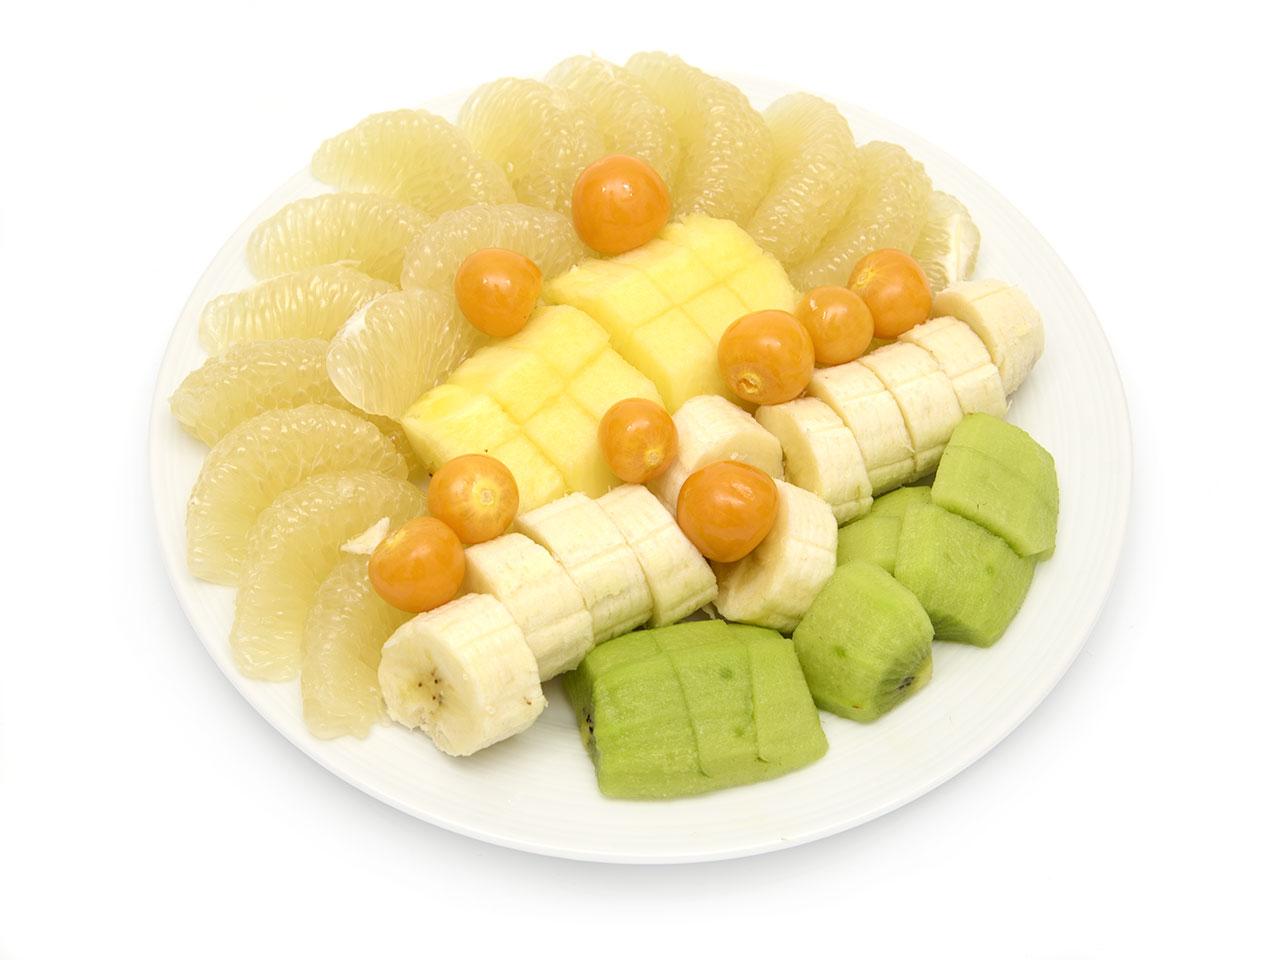 Obstteller: Ananas, Banane, Sweetie, Physalis und Kiwi